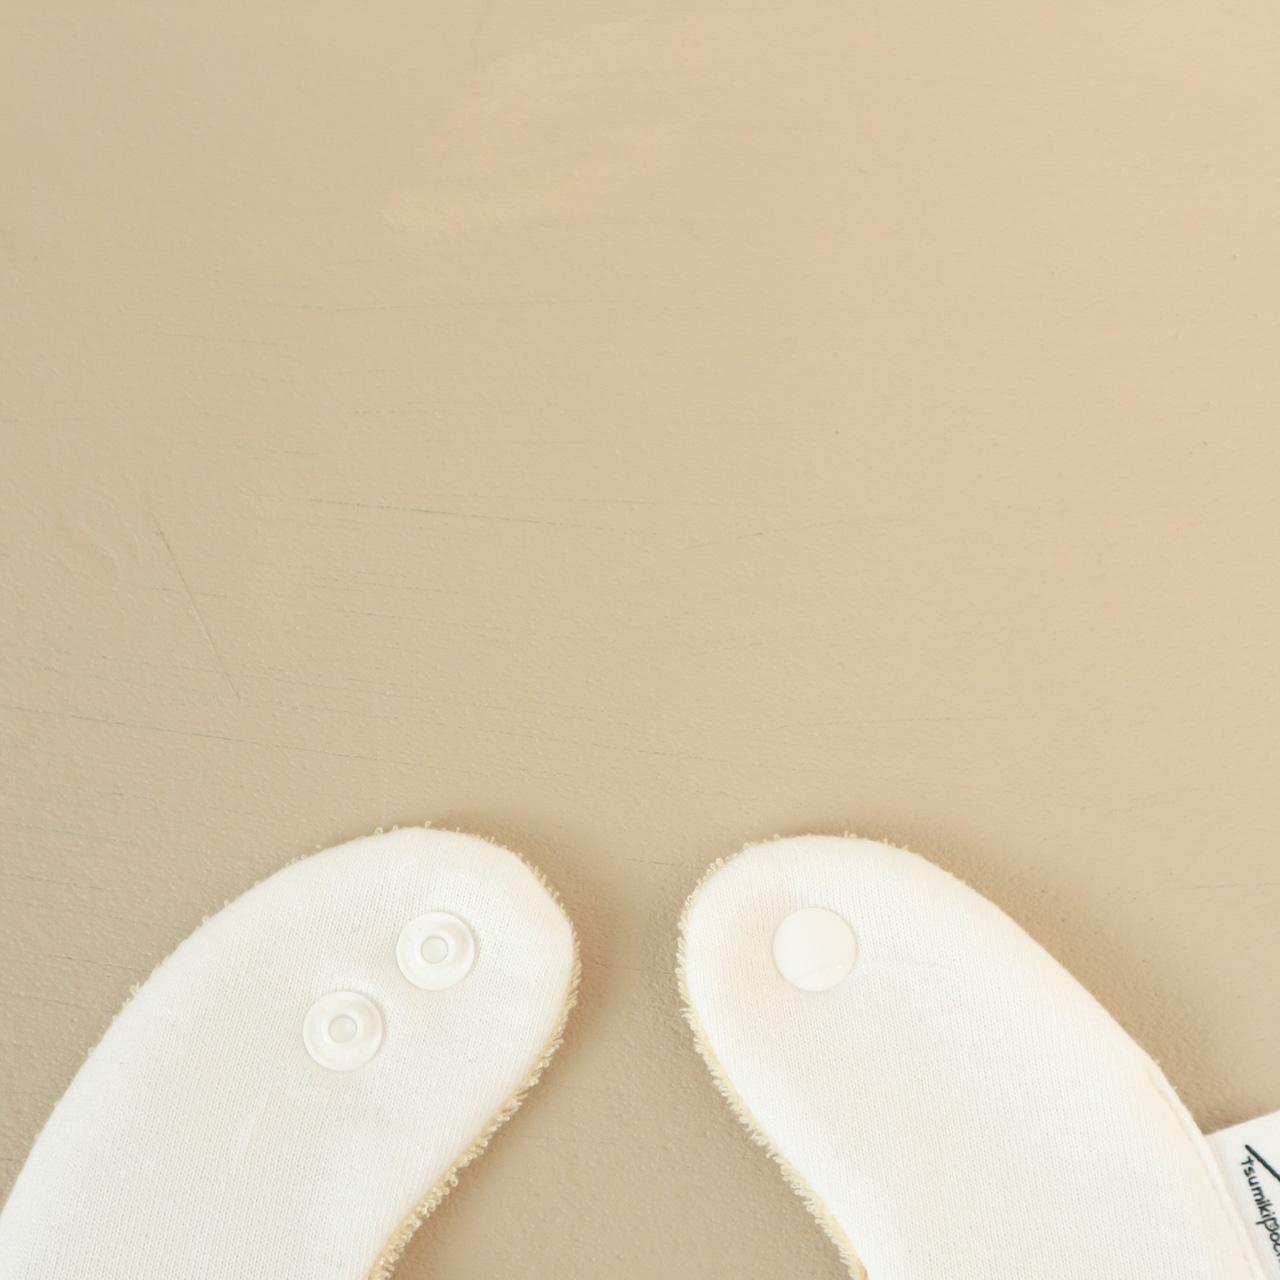 【販売終了】つみきどうぶつのおめかしbib(フルーツ牛乳)